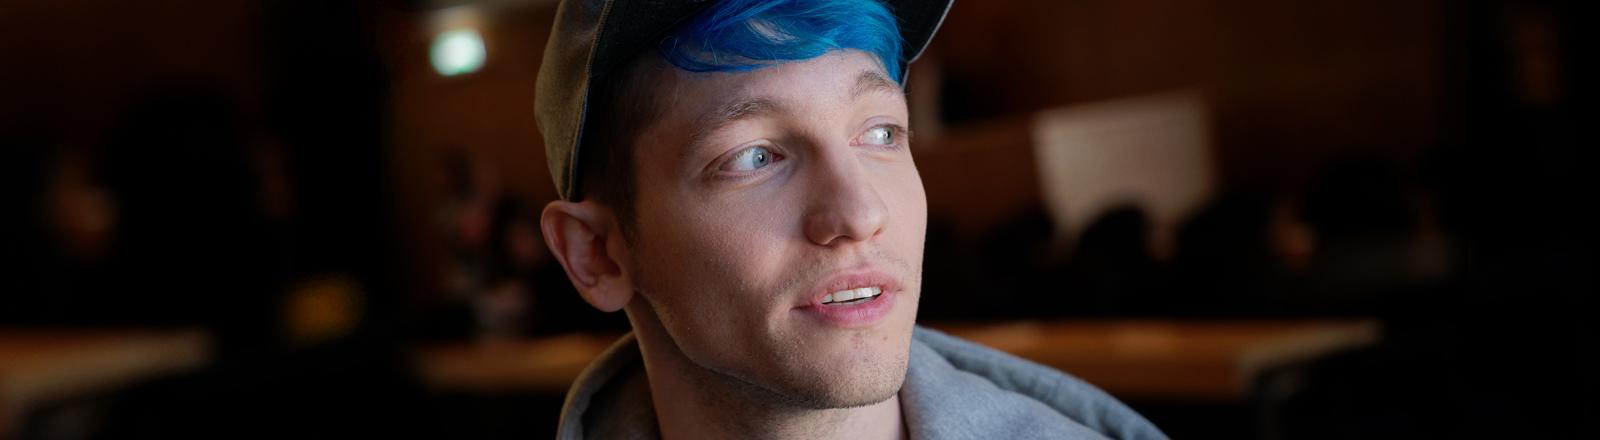 Der Youtuber Rezo im Porträt.